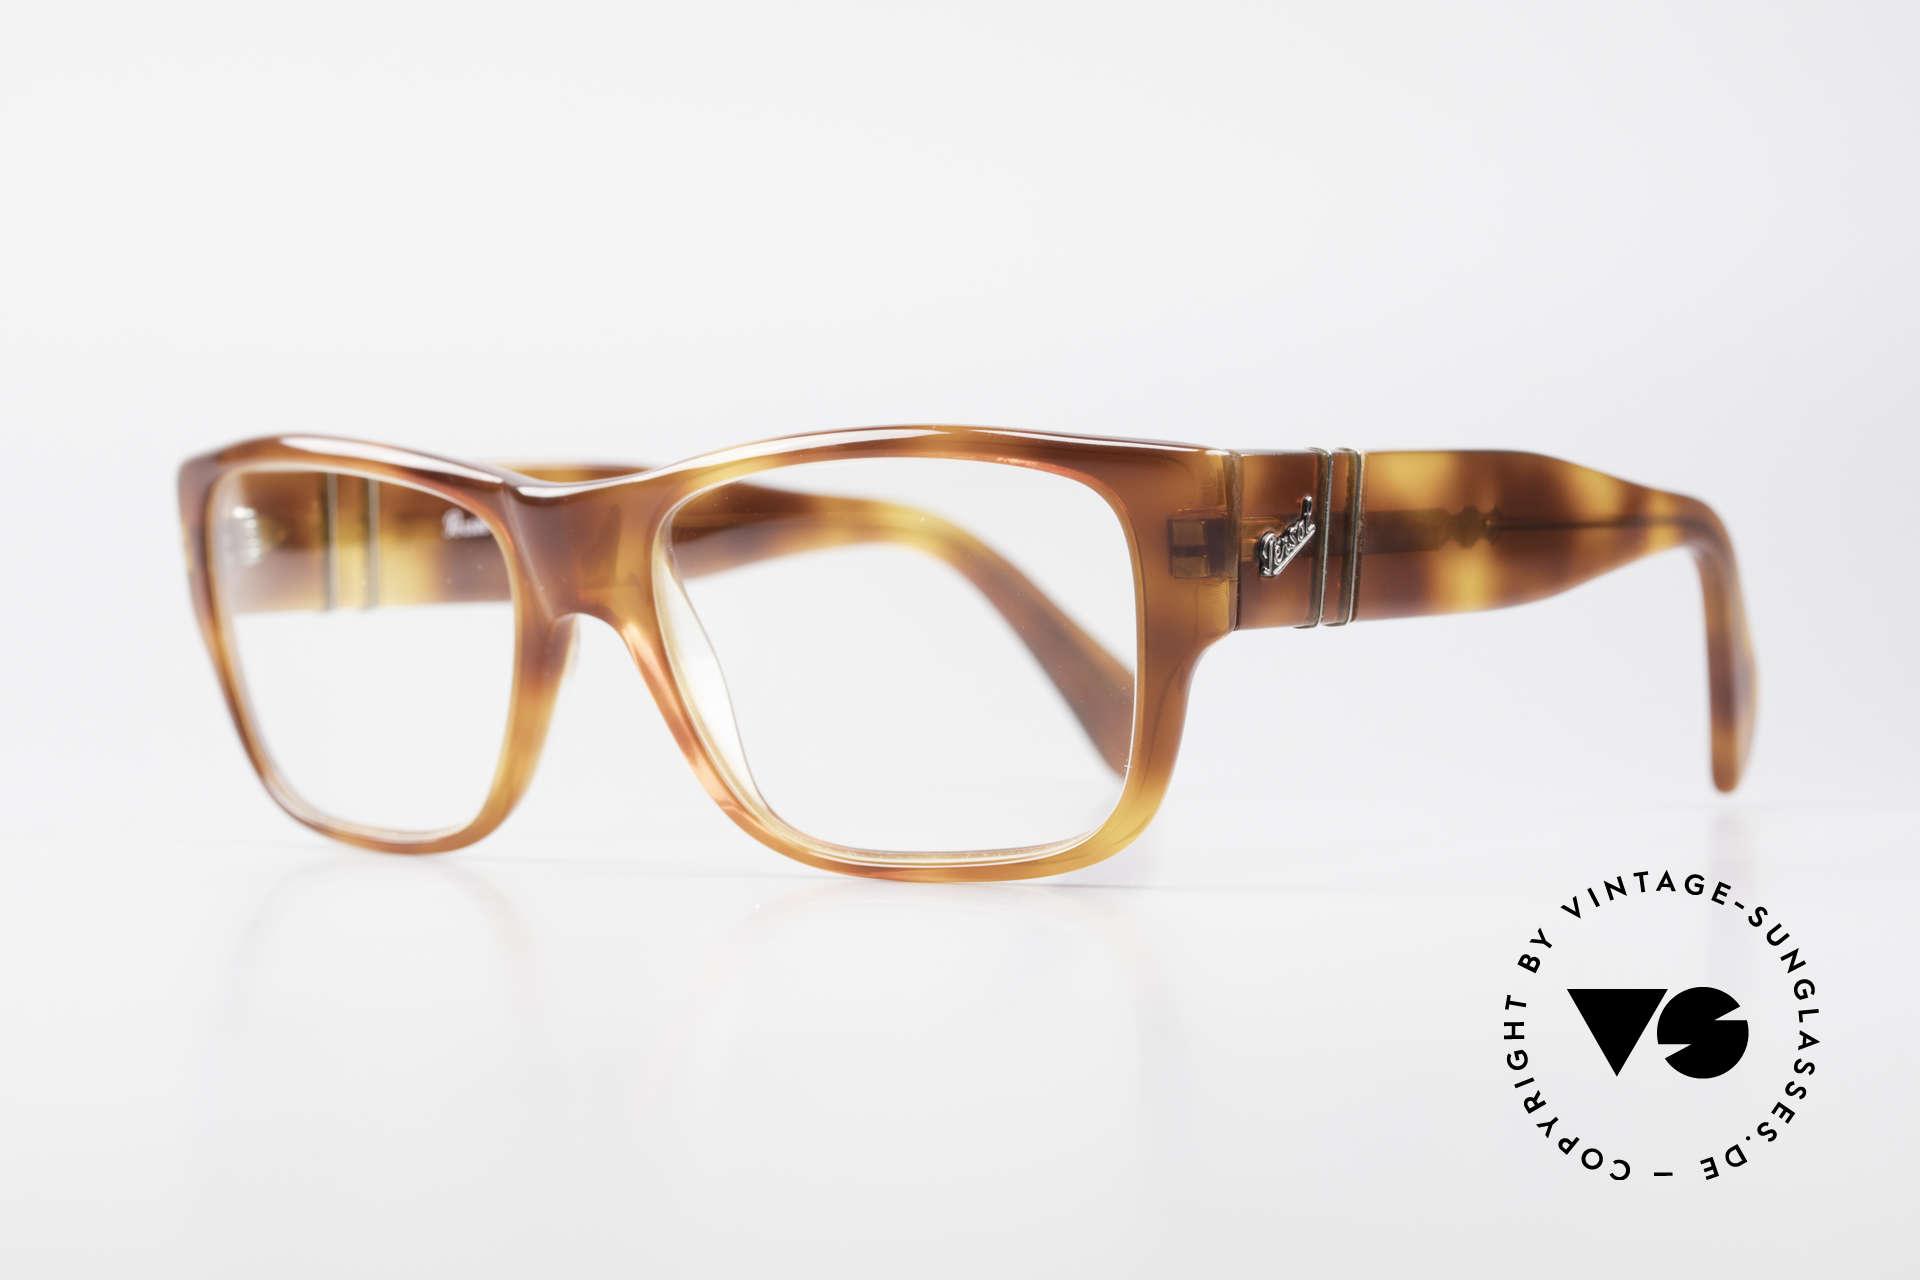 Persol 855 Markante Herren Vintage Brille, hochwertigste Materialien und Fertigungsqualität, Passend für Herren